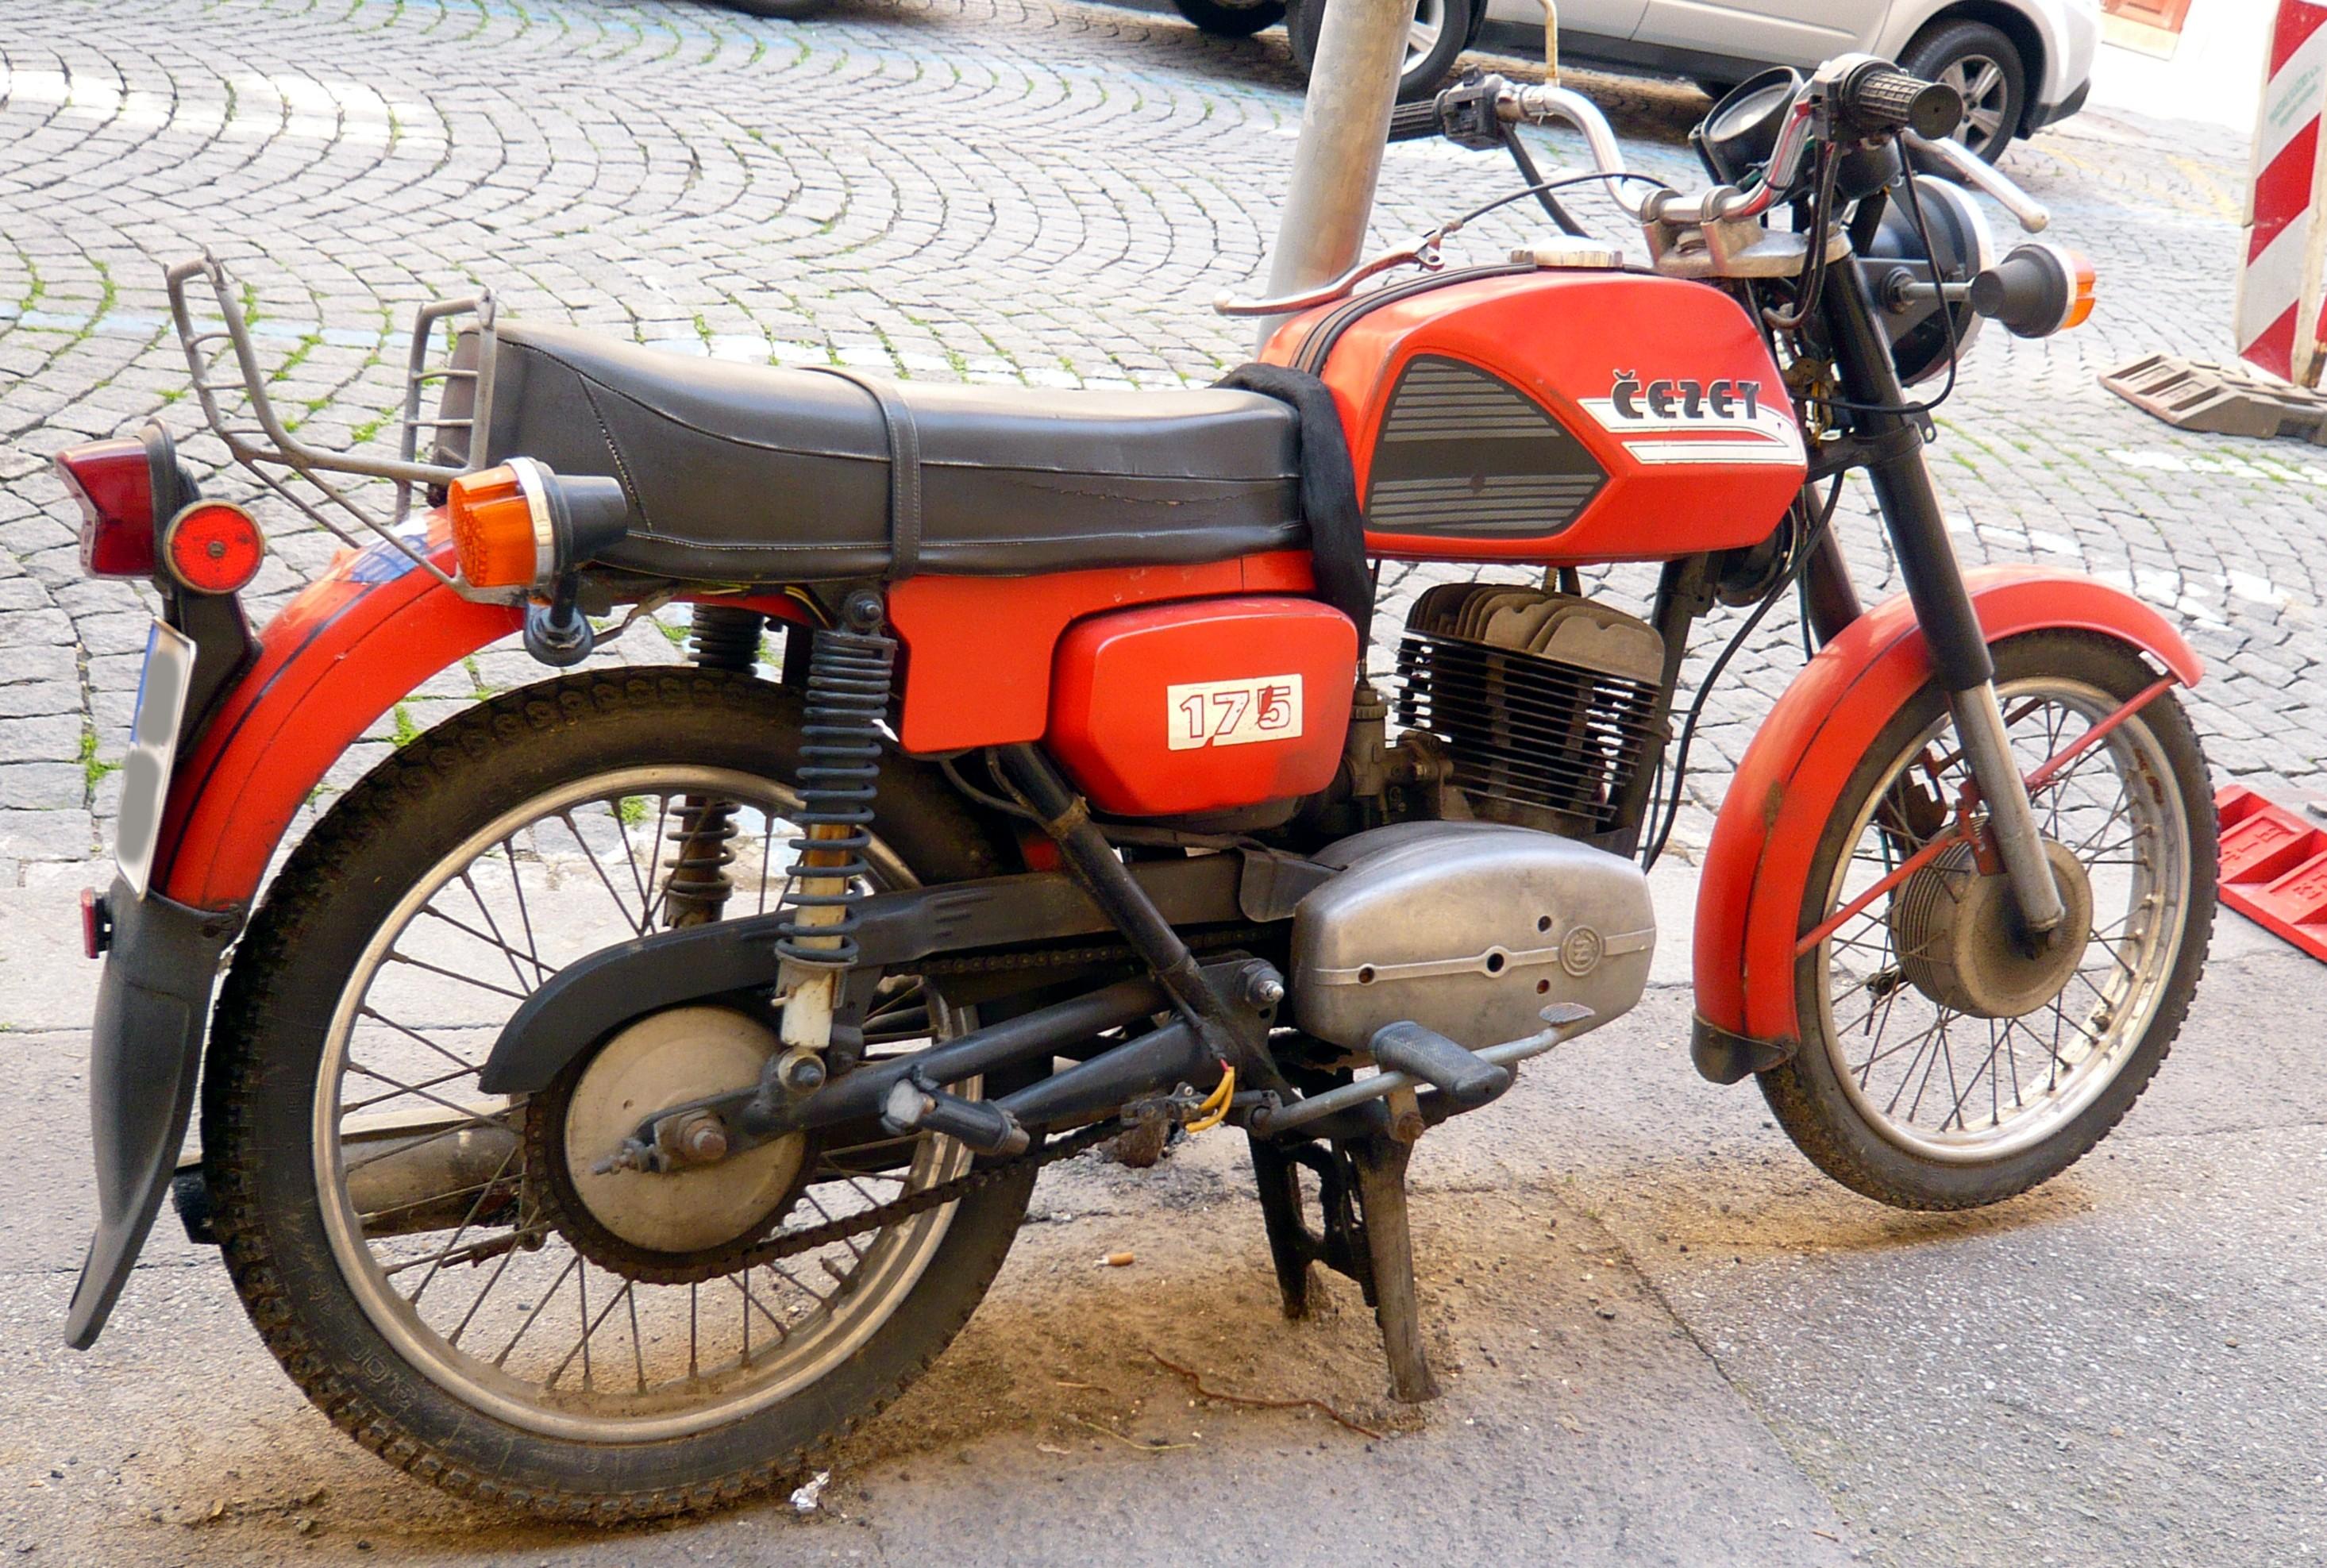 Datei:Motorrad Cezet 1...